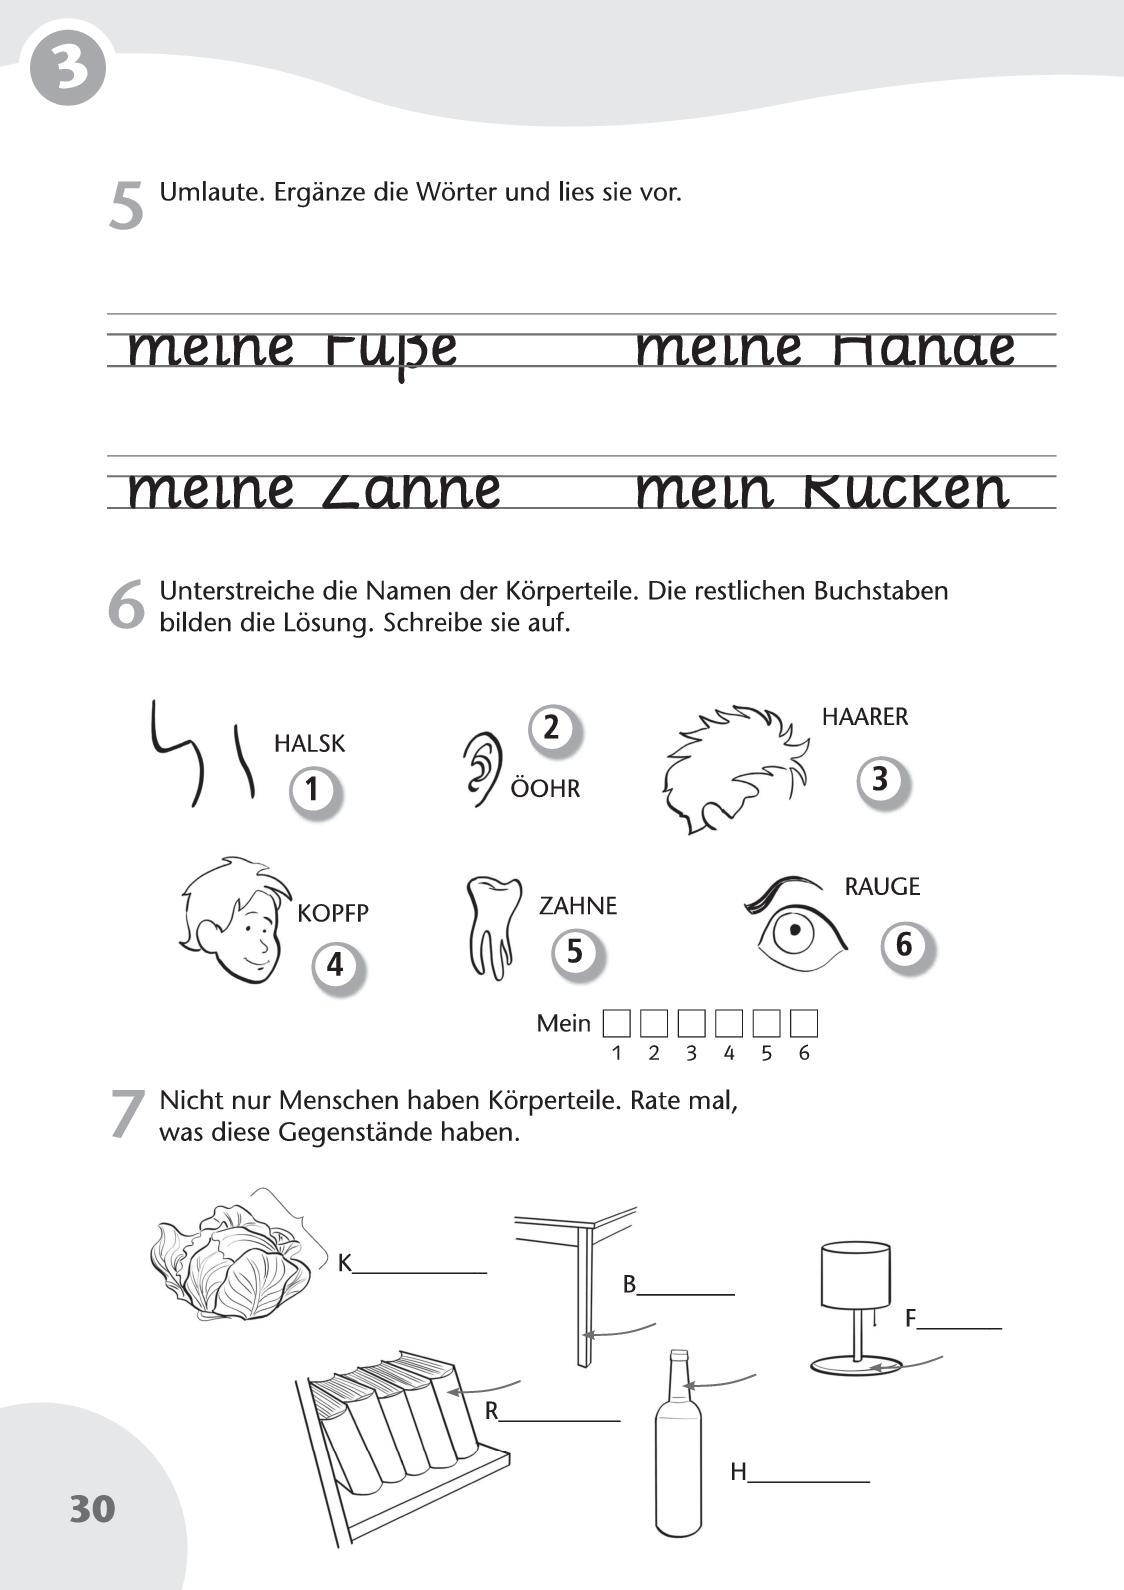 Wunderbar Anatomie Begriffe Für Körperteile Zeitgenössisch ...